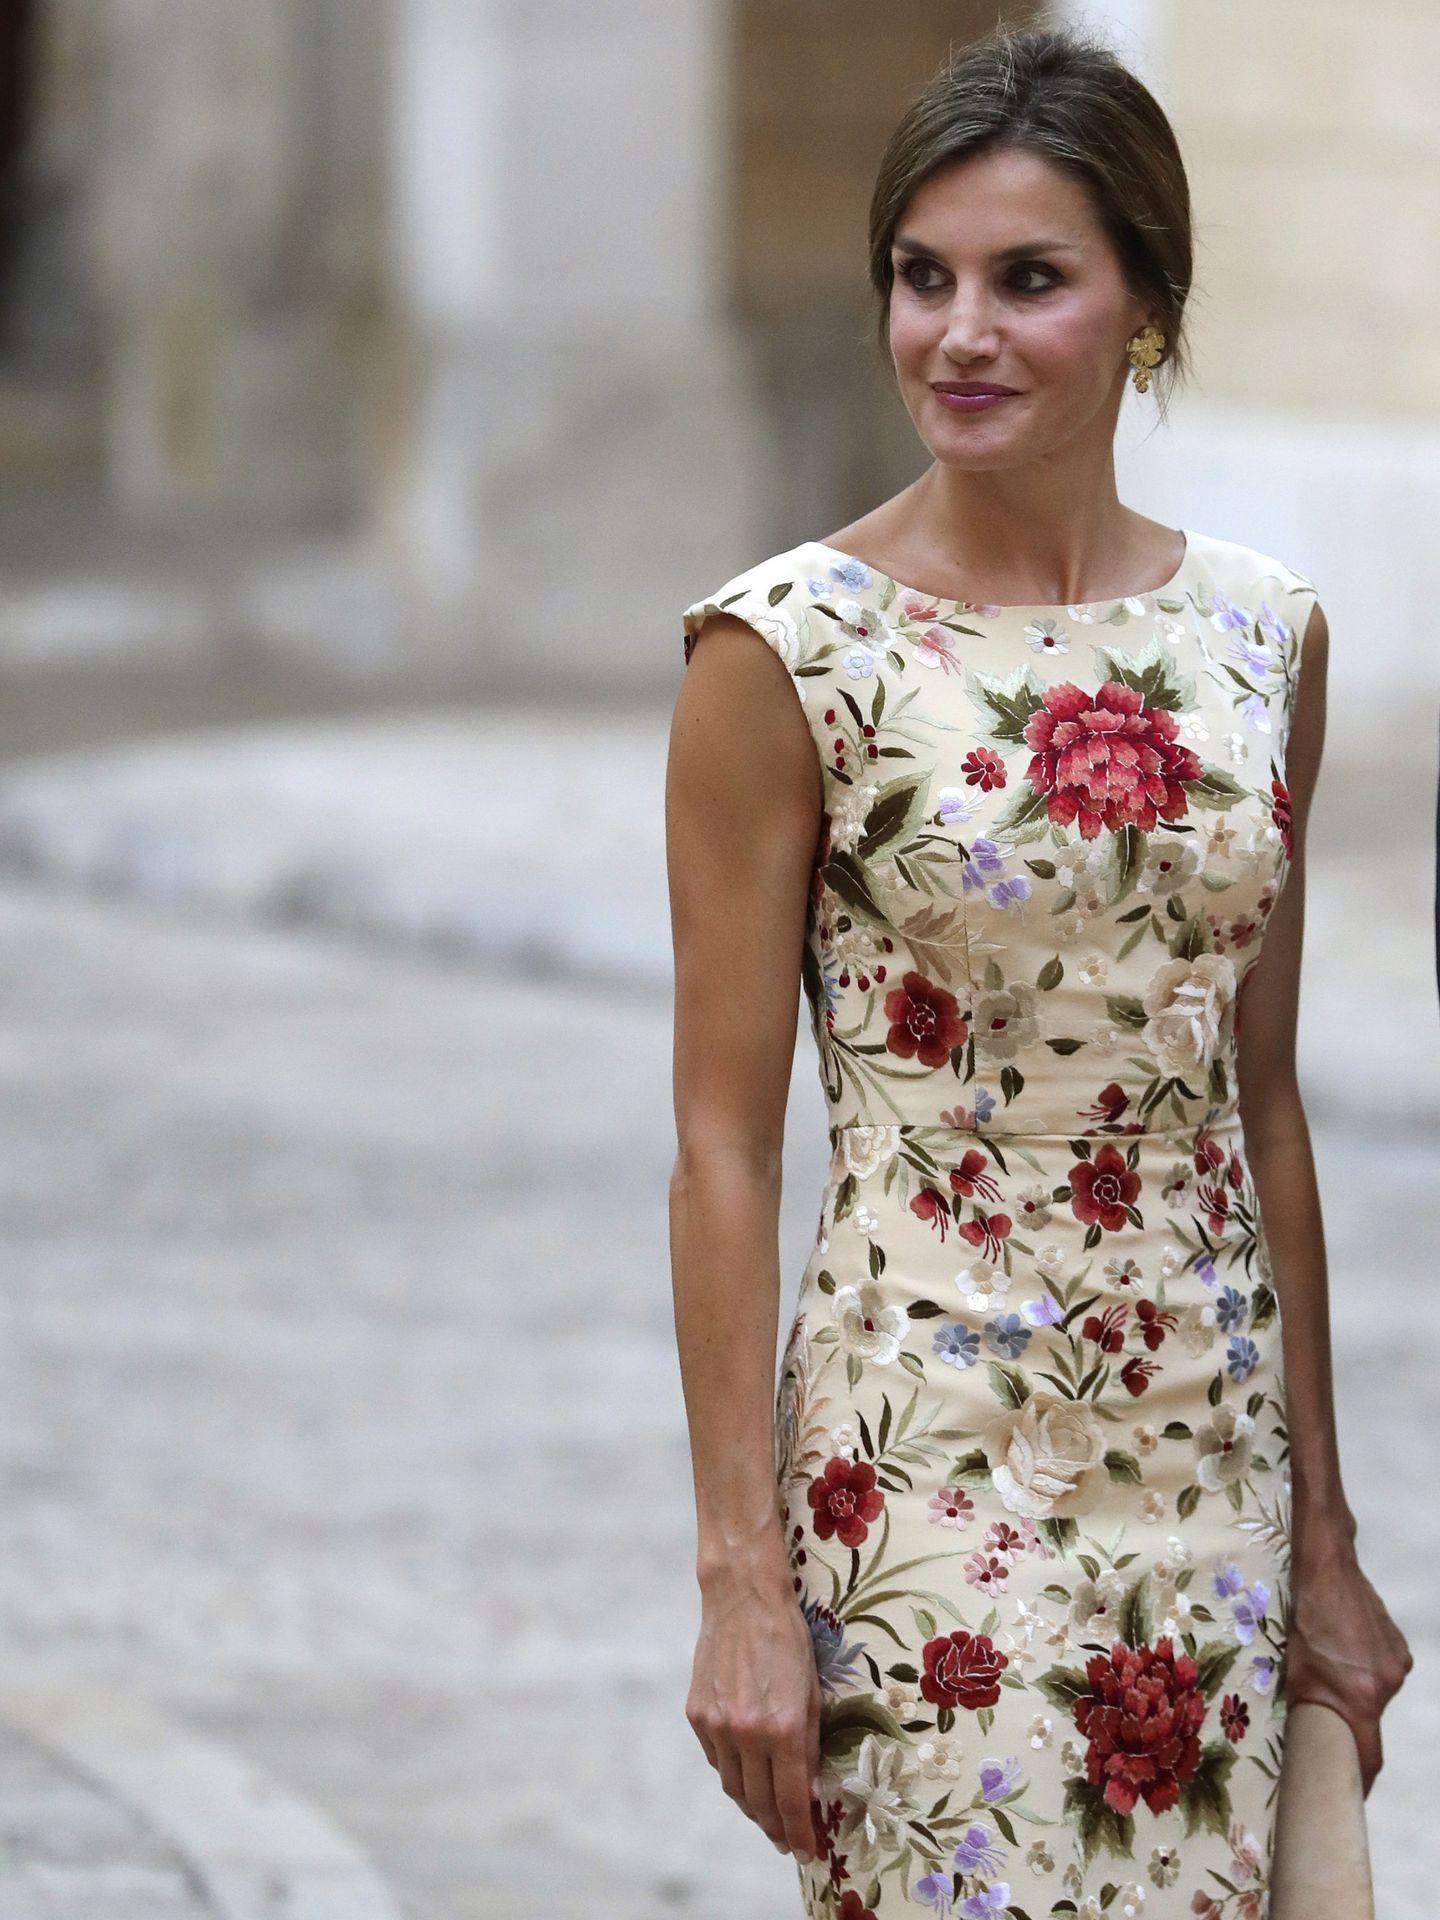 El otro vestido confeccionado a partir de un mantón. (EFE)